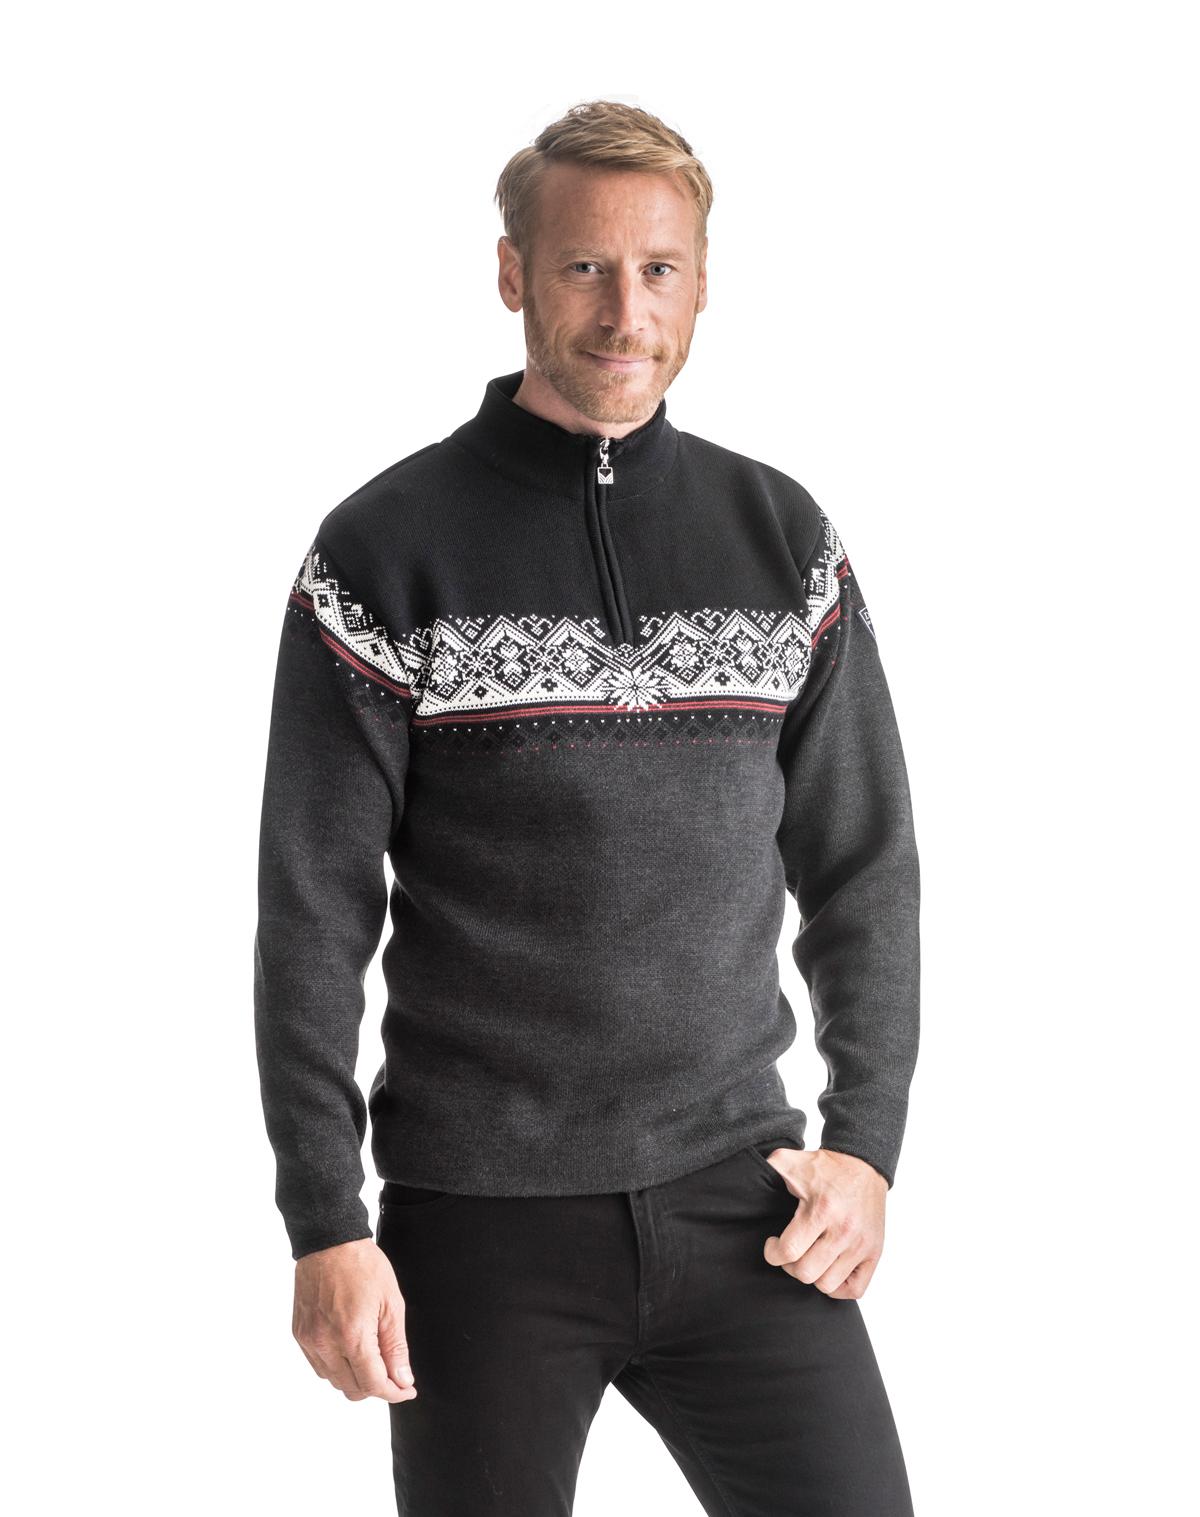 St. Moritz Men's Sweater